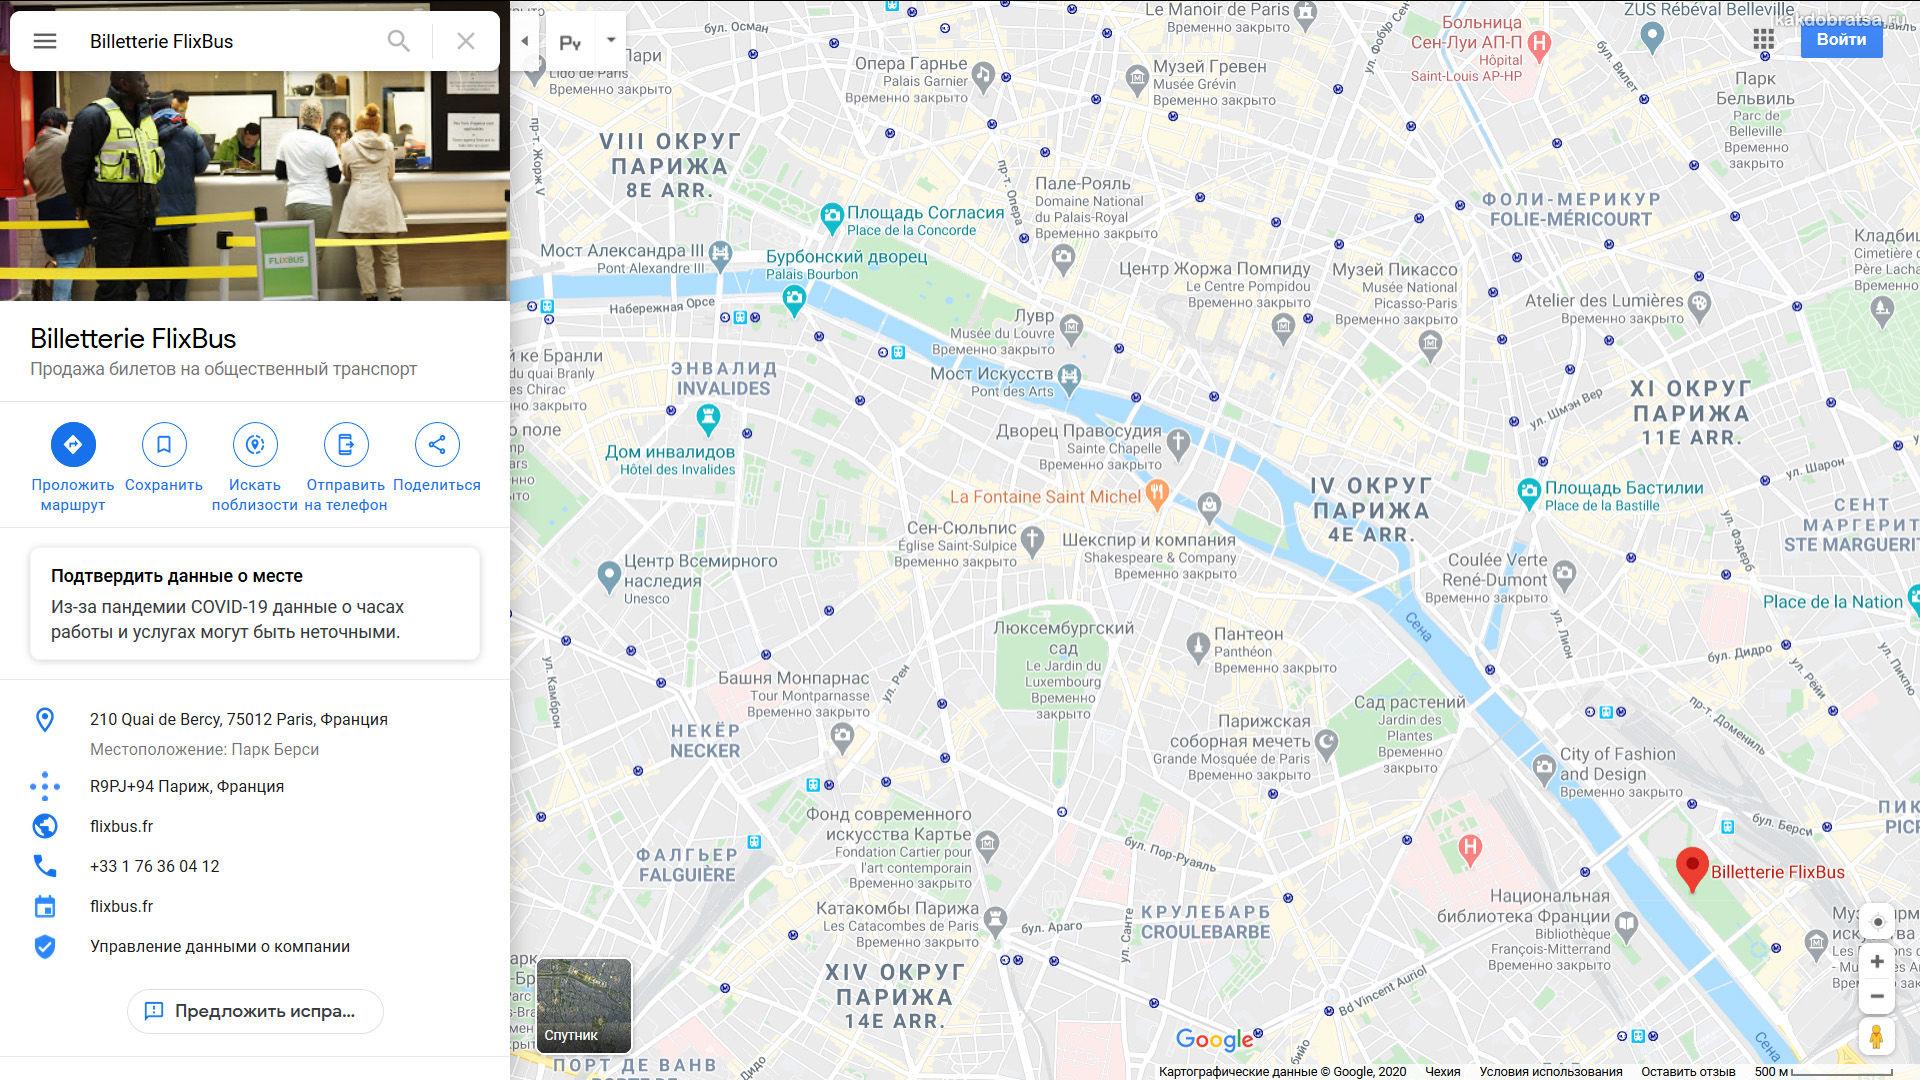 Автовокзала Париж Берси на карте и где находится